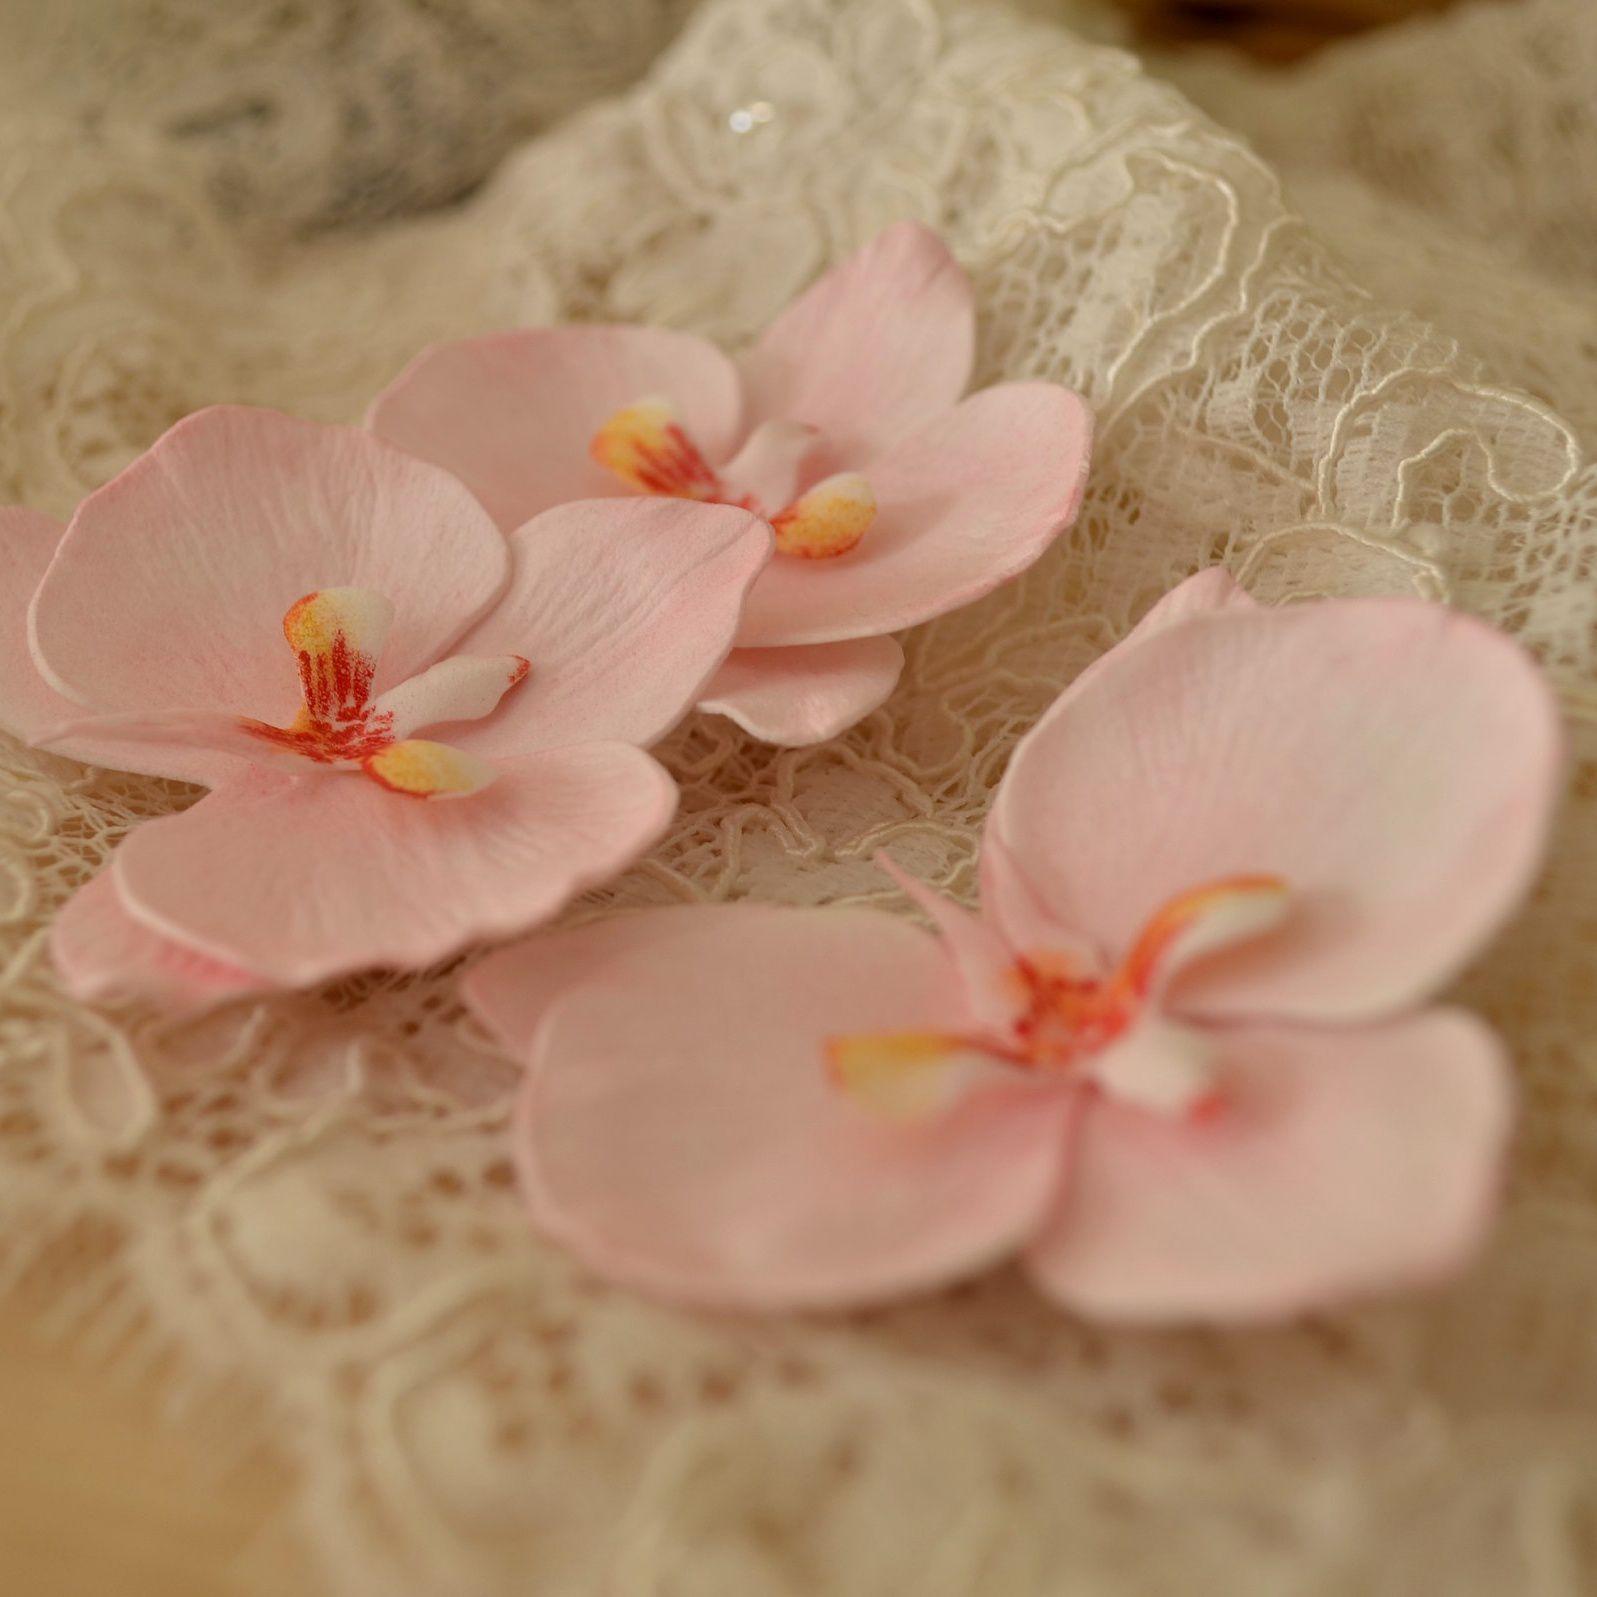 пенза шик орхидея. волосы шебби украшения фоамиран шпилька свадьба